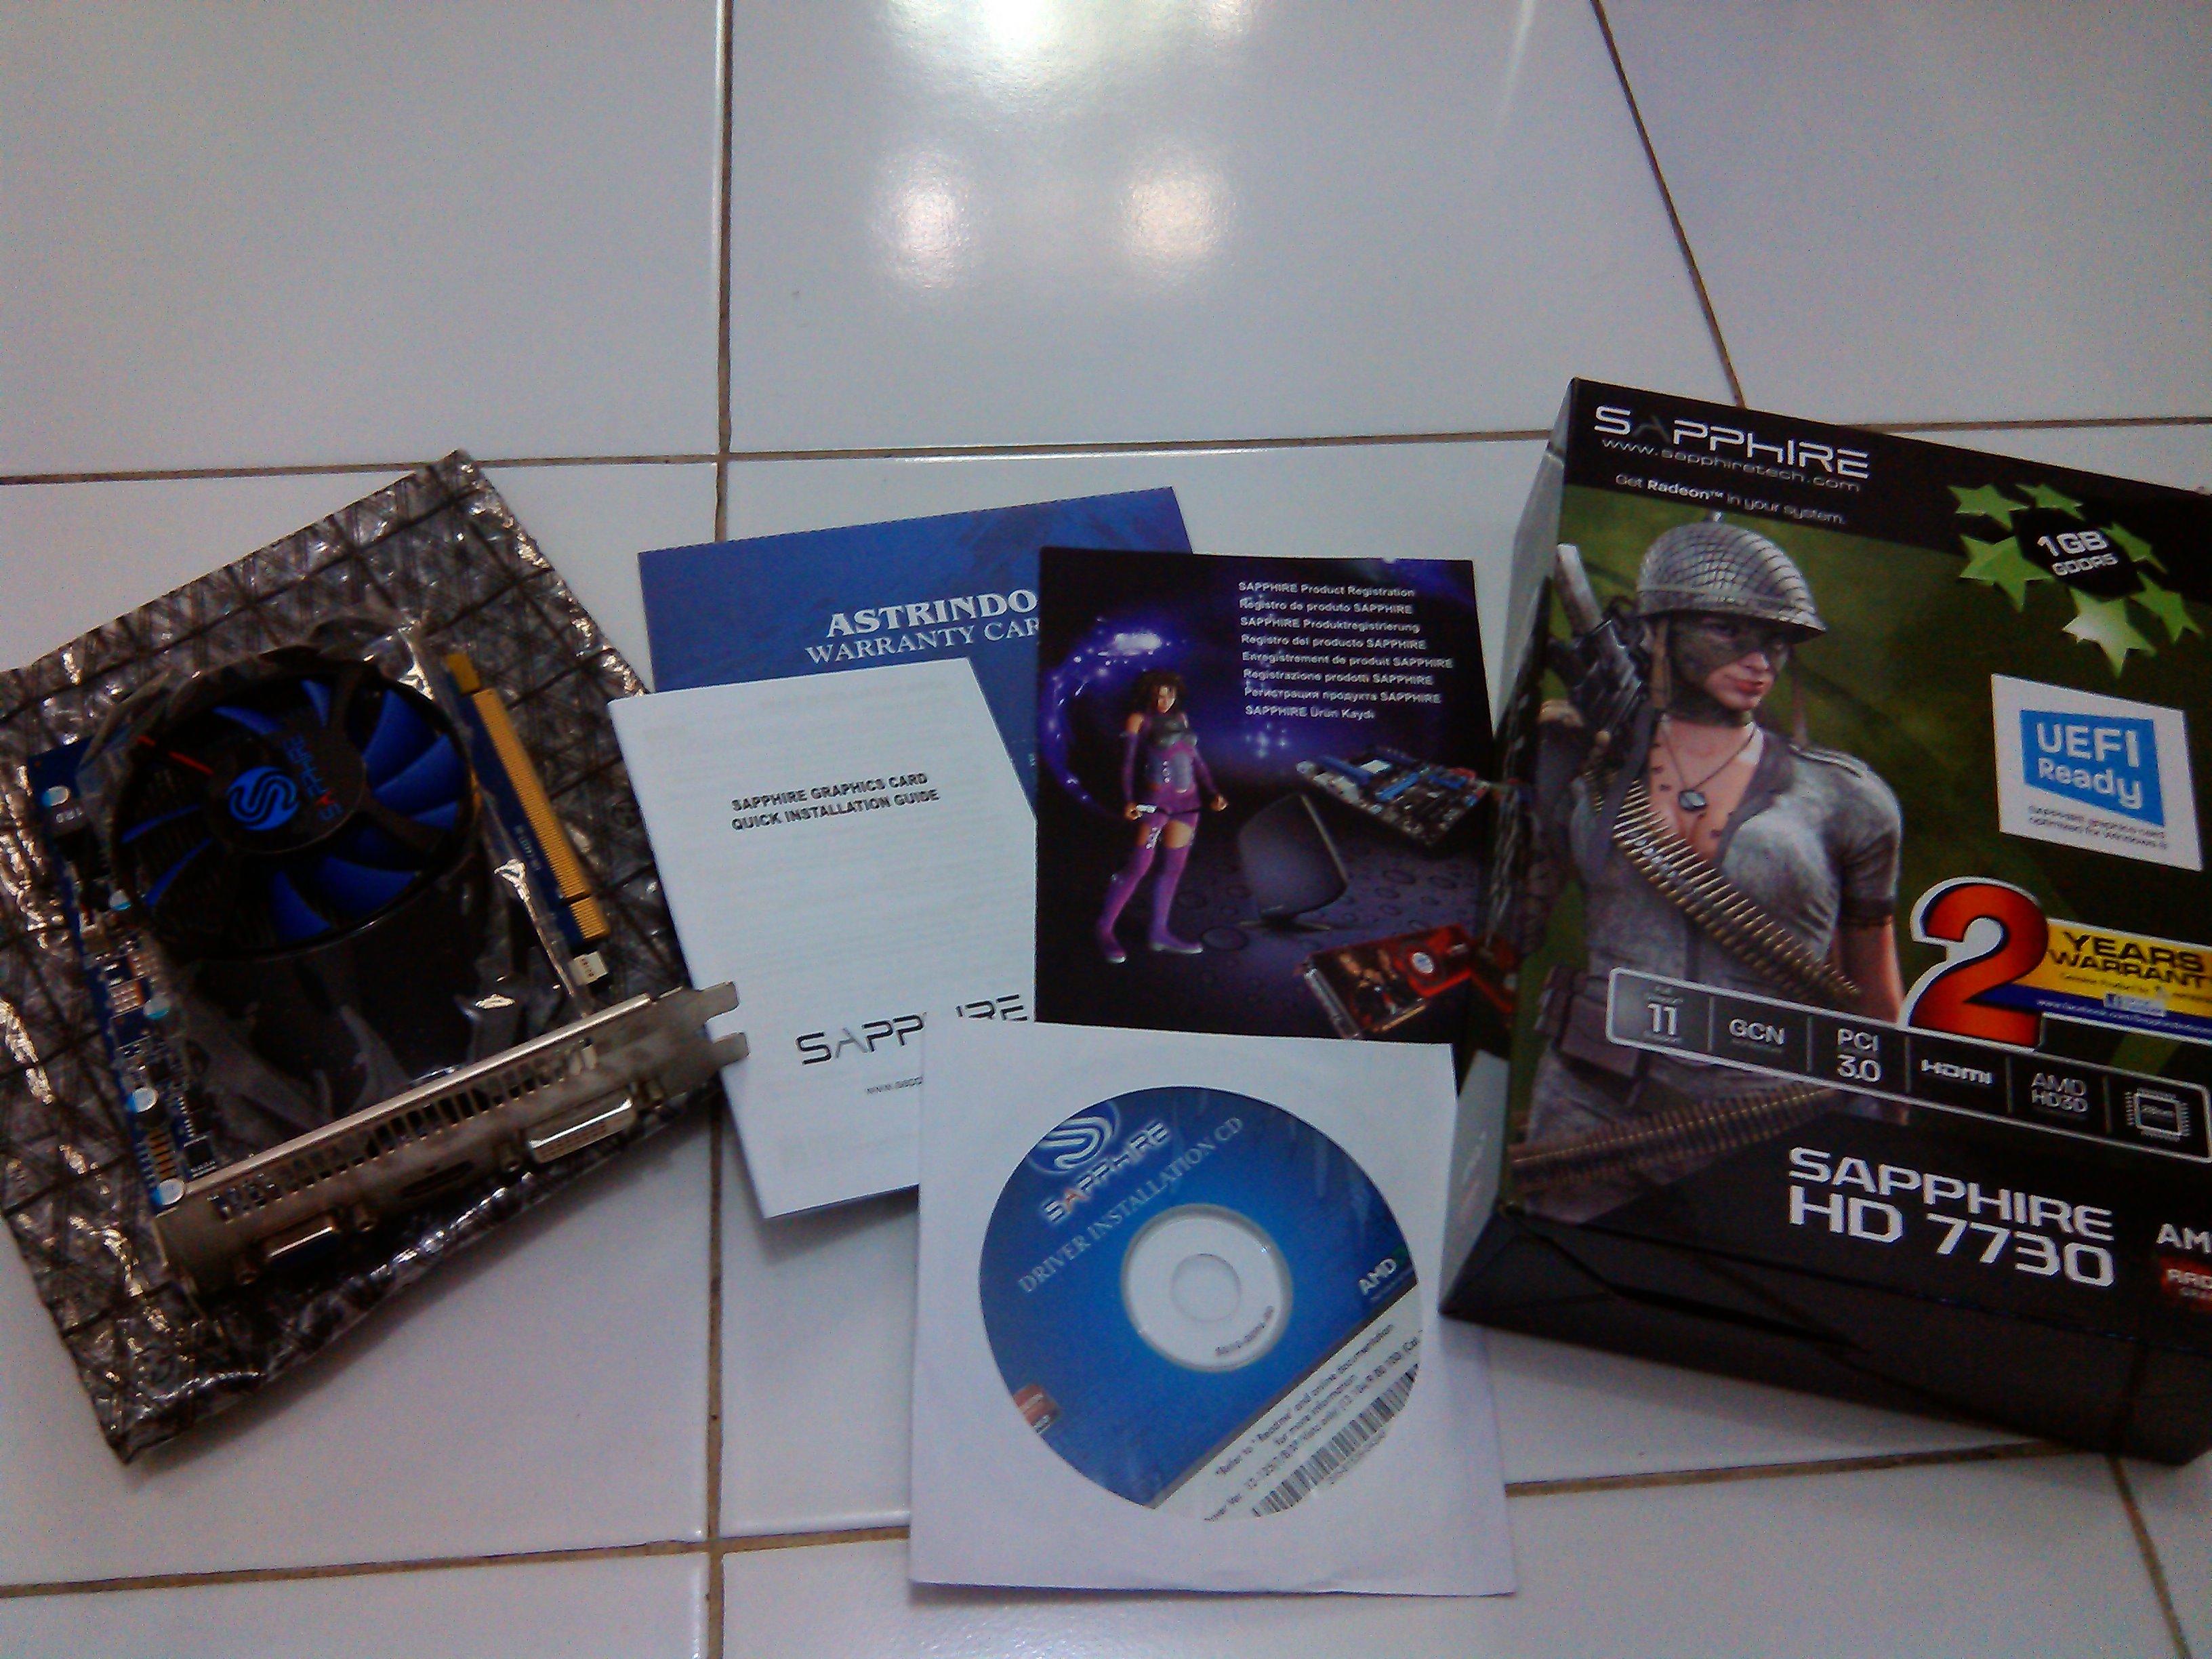 VGA Sapphire HD 7730 1GB DDR5 128bit